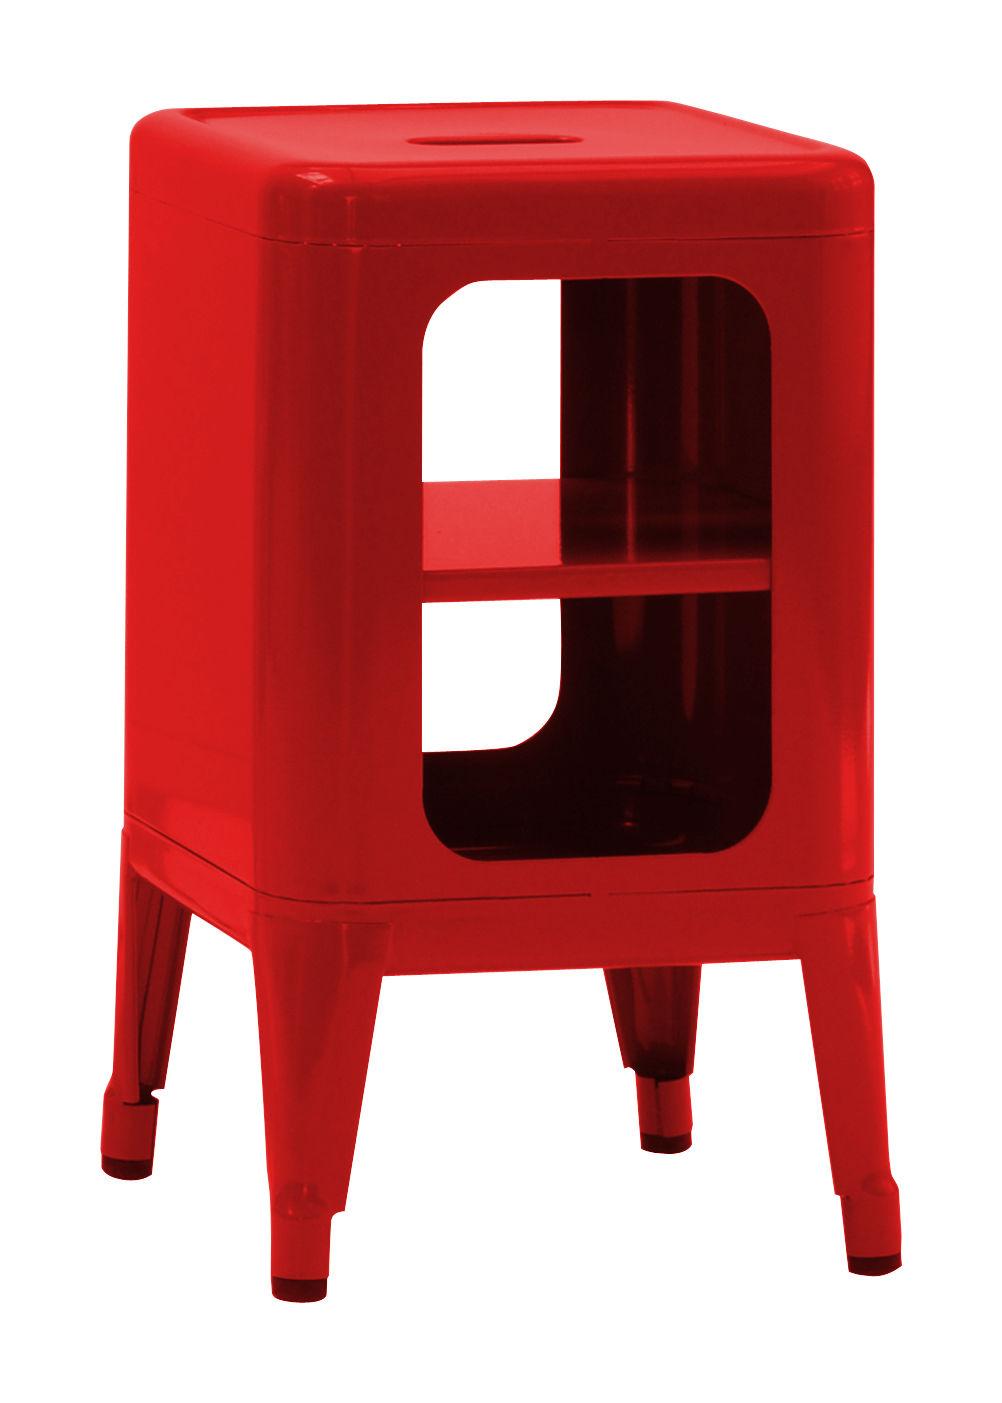 Möbel - Regale und Bücherregale - Aufbewahrungsmöbel lackierter Stahl - H 50 cm - Tolix - Rot - Lackierter recycelter Stahl